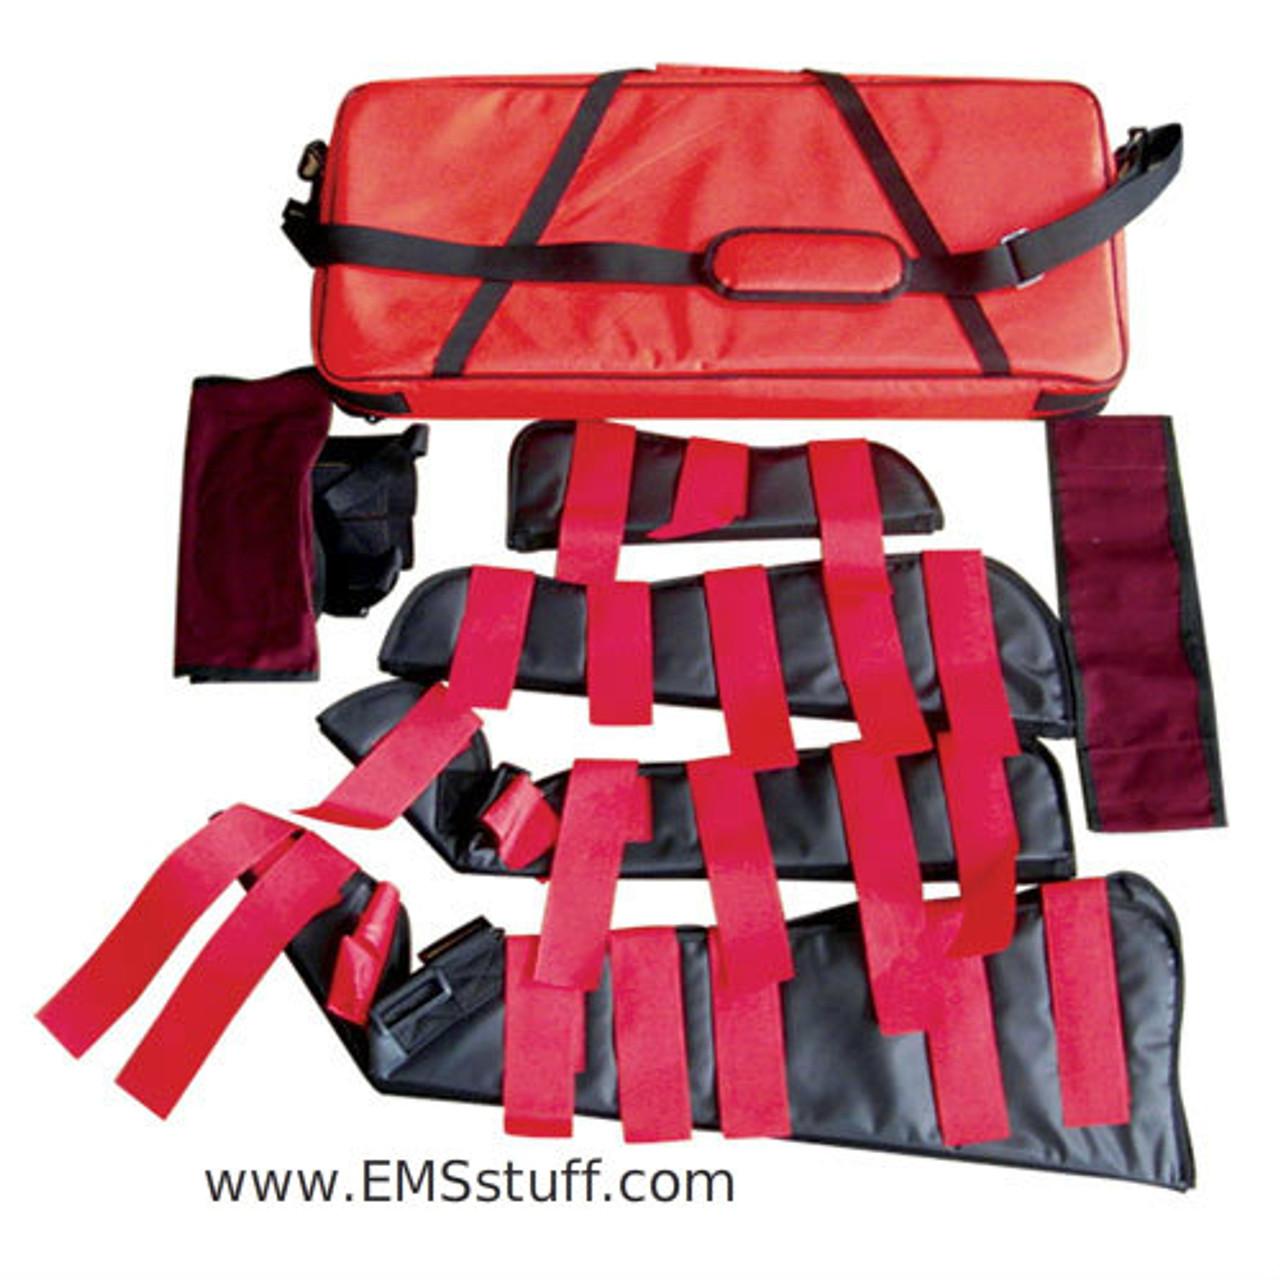 Frac-Pack Fracture Kit - Deluxe